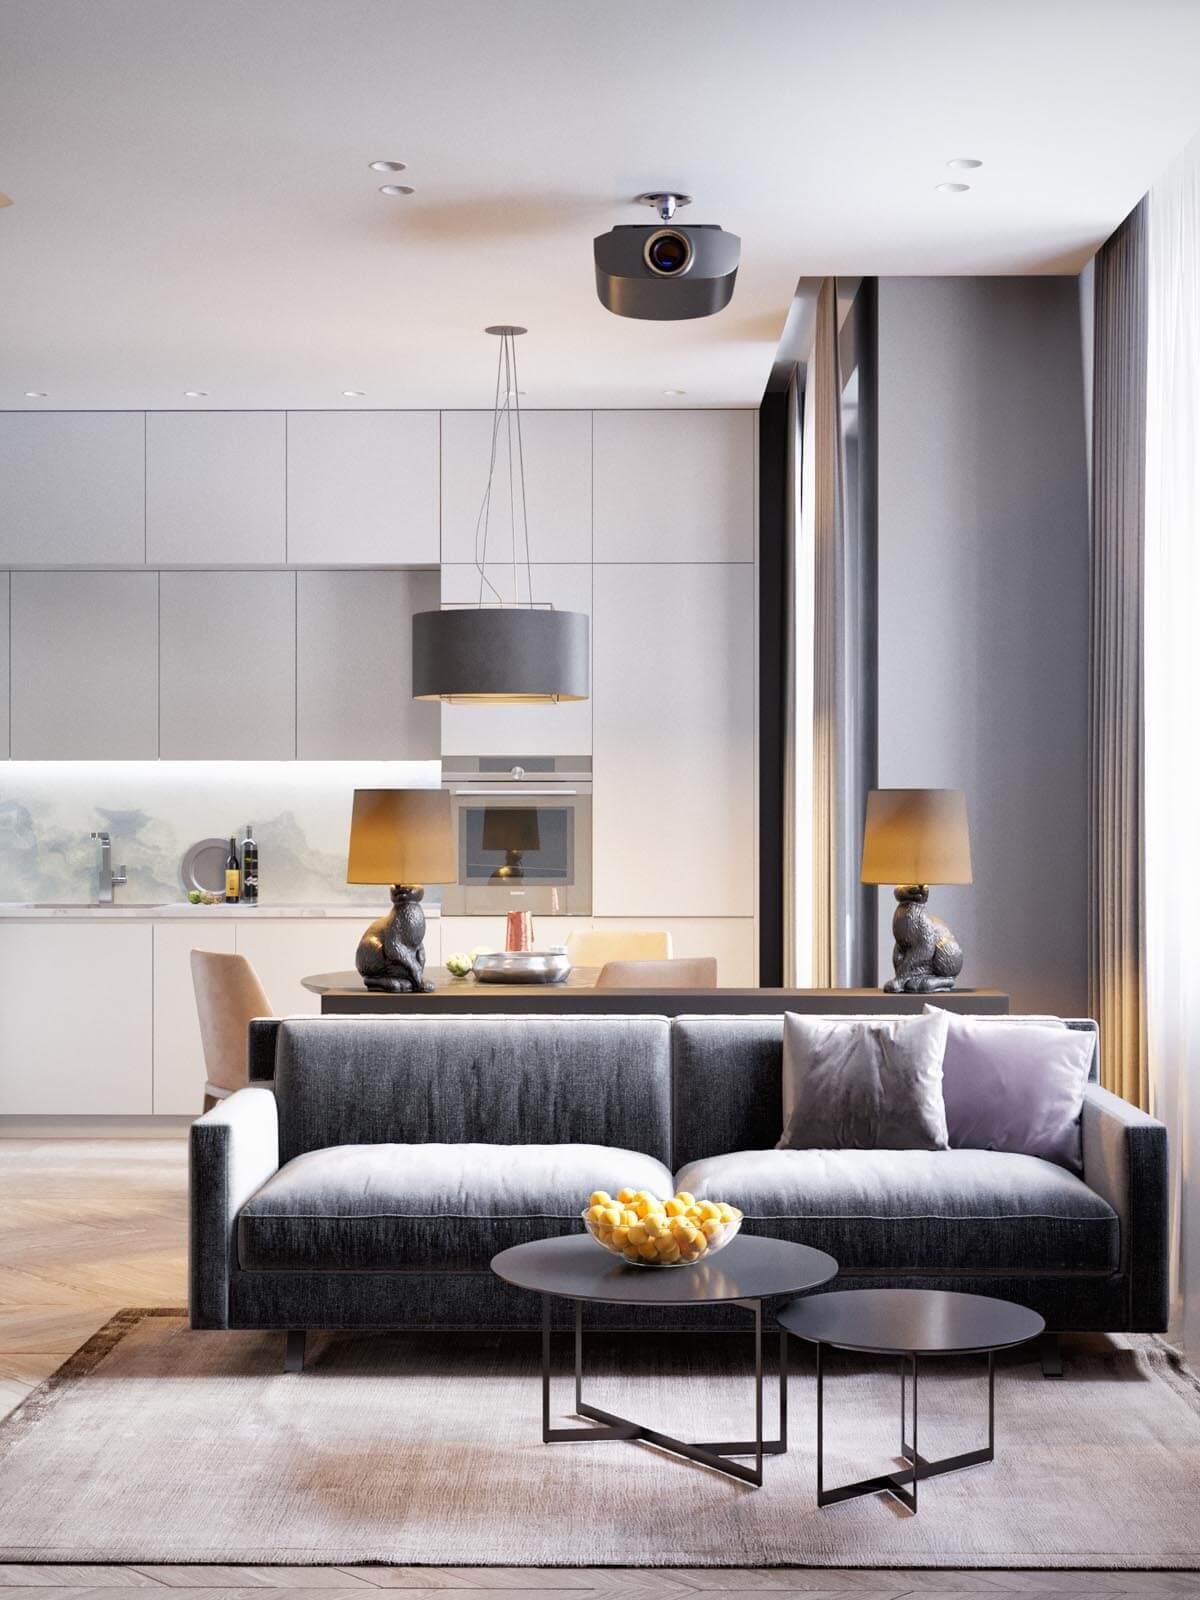 Mẫu thiết kế căn hộ chung cư 50m2 hiện đại